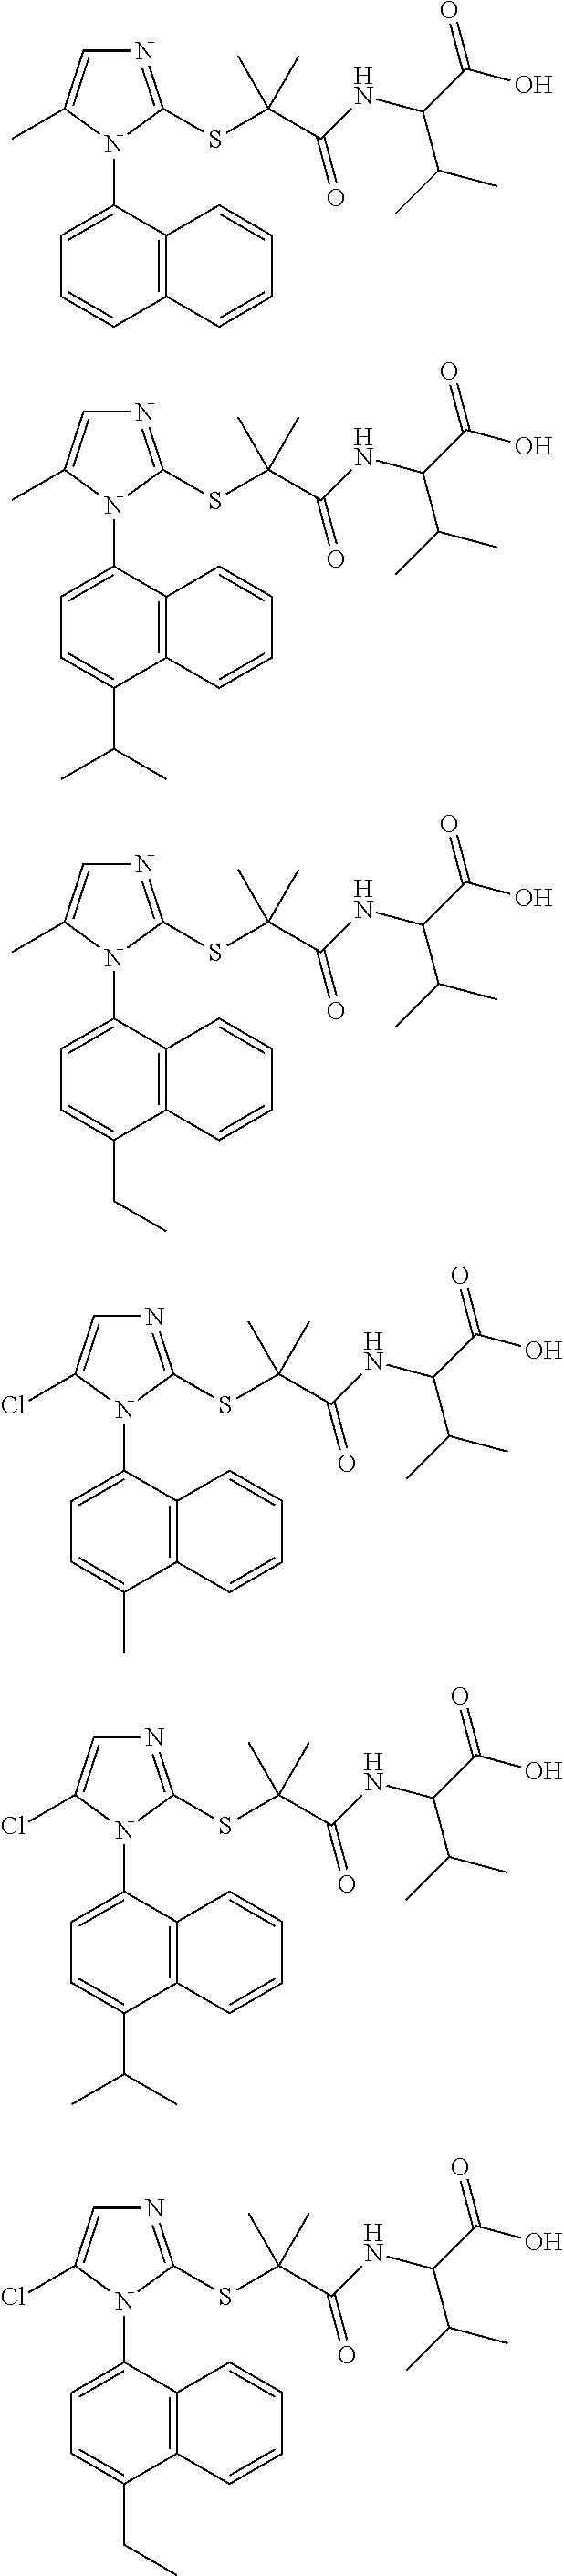 Figure US08283369-20121009-C00051